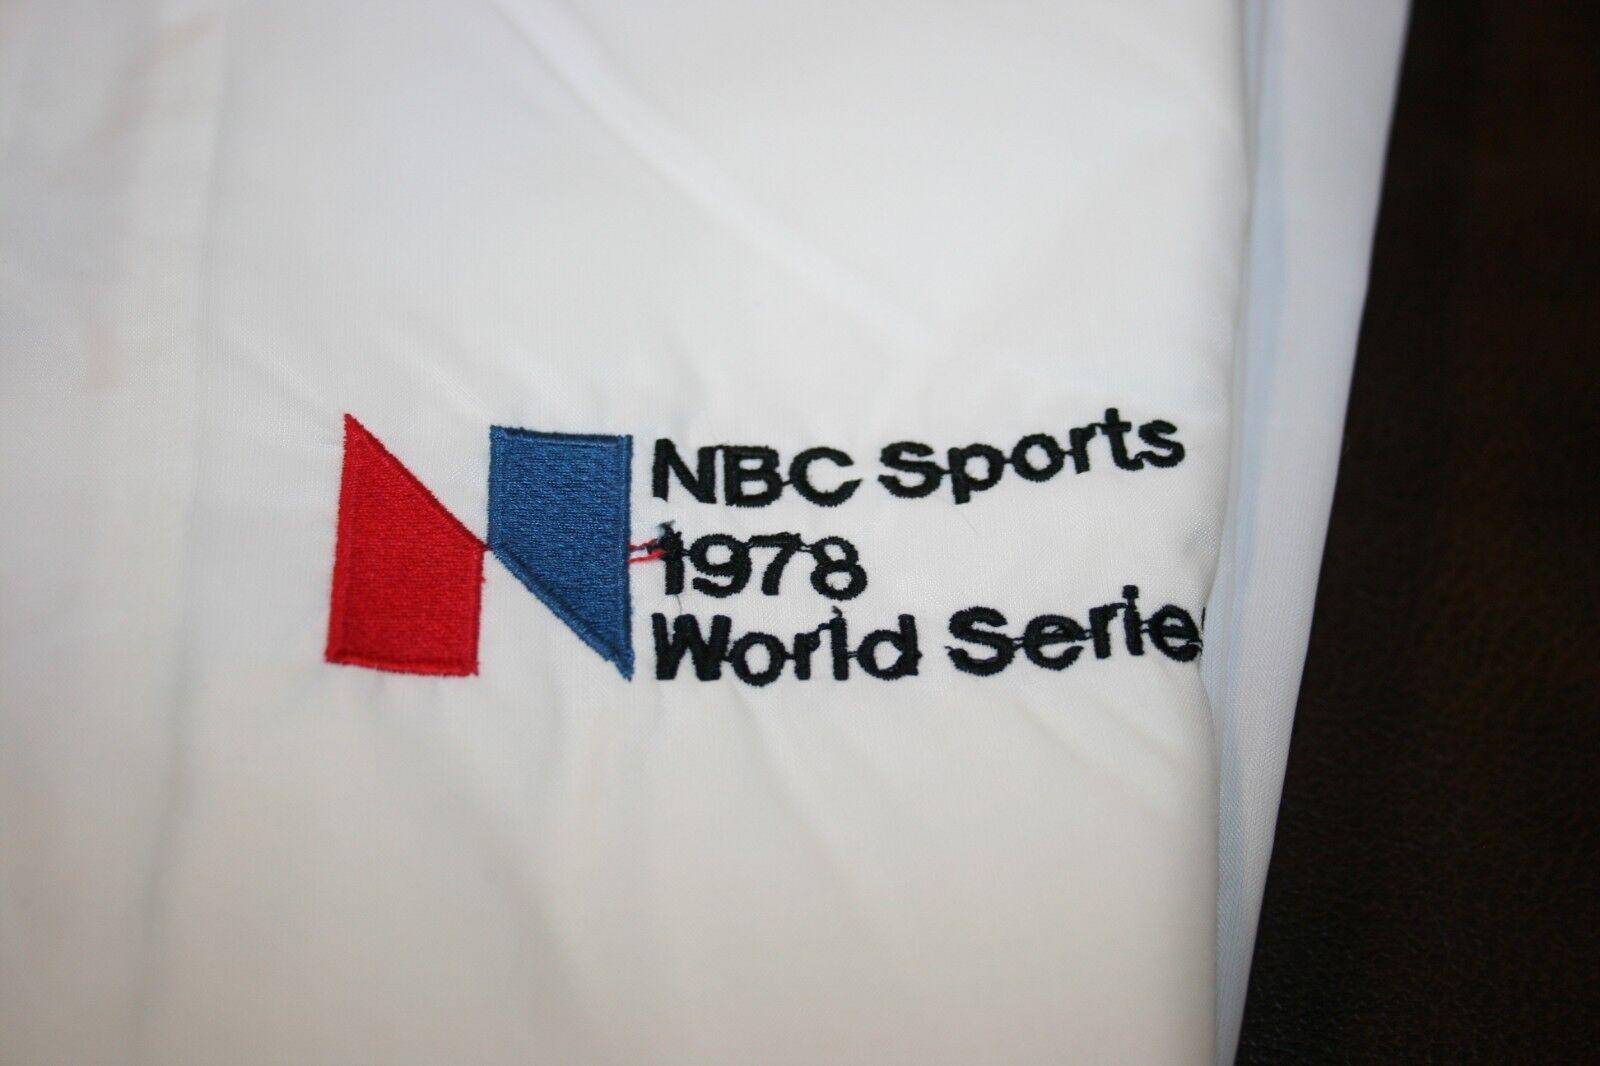 NBC SPORTS 1978 WORLD SERIES Mens Lined Windbreaker MEDIUM